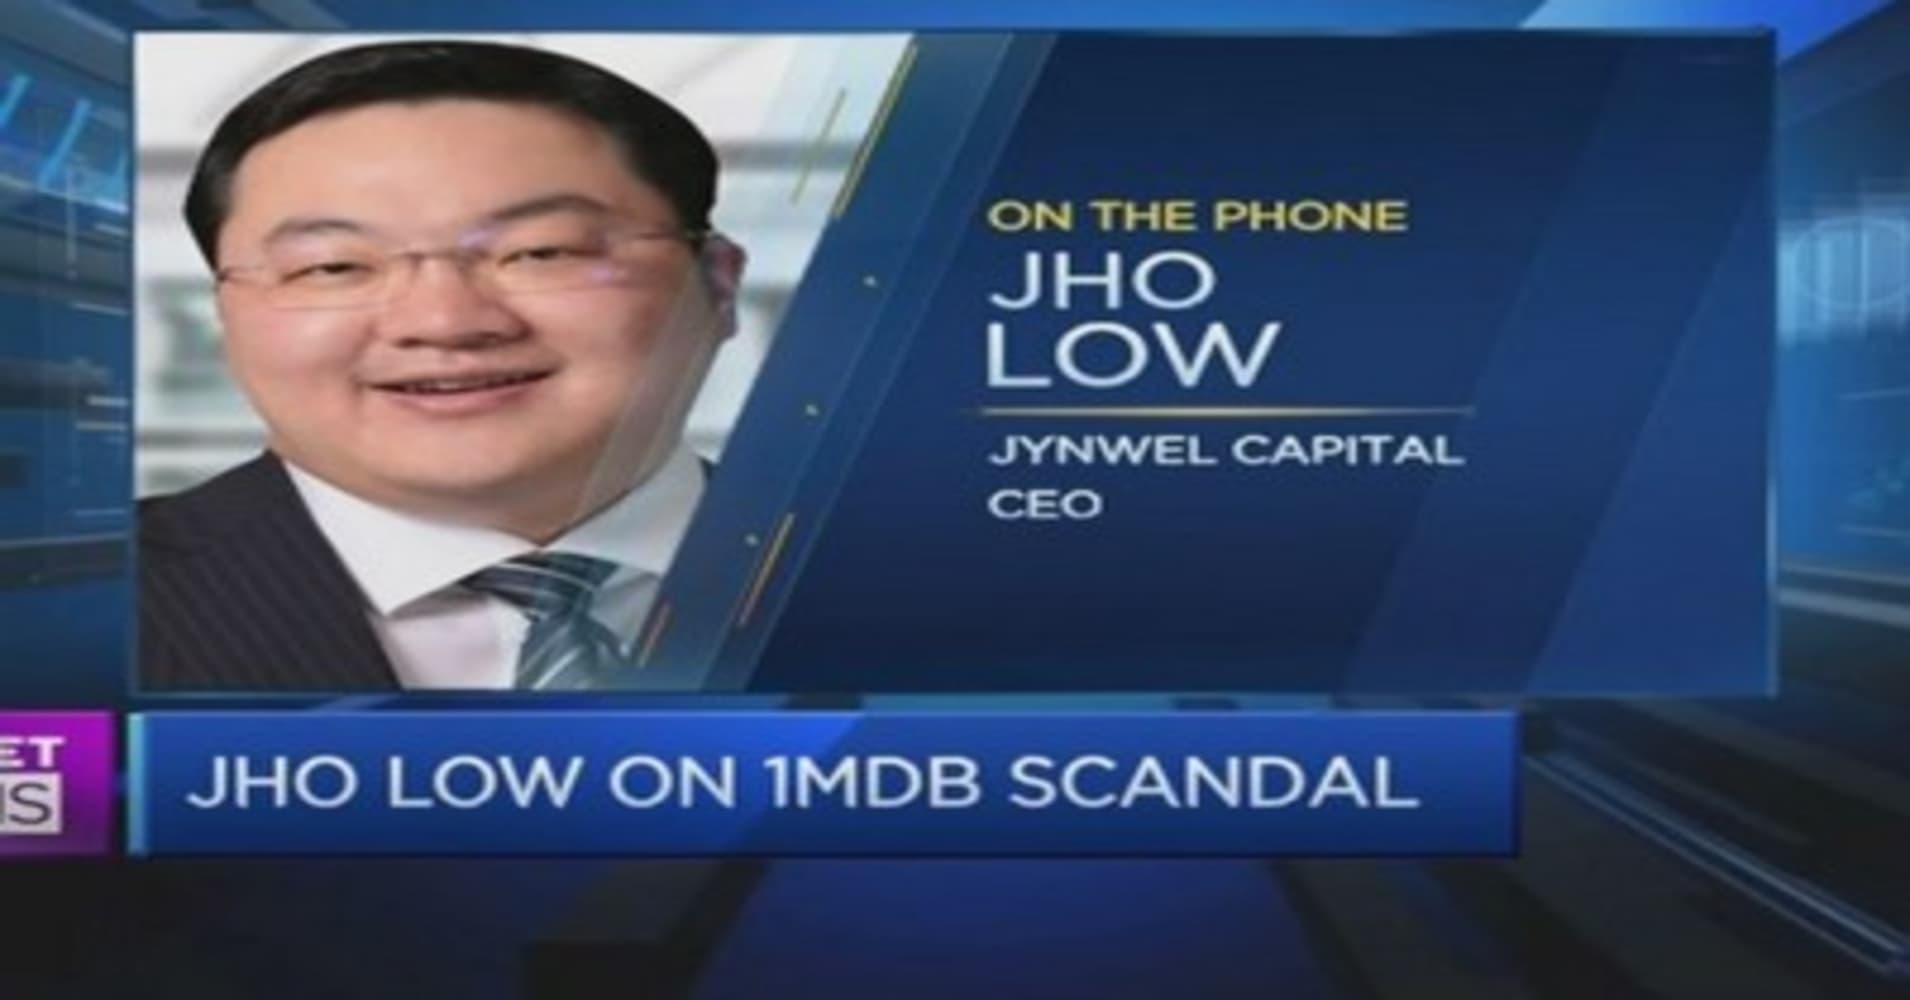 I'm a victim: Malaysia's Jho Low on 1MDB scandal